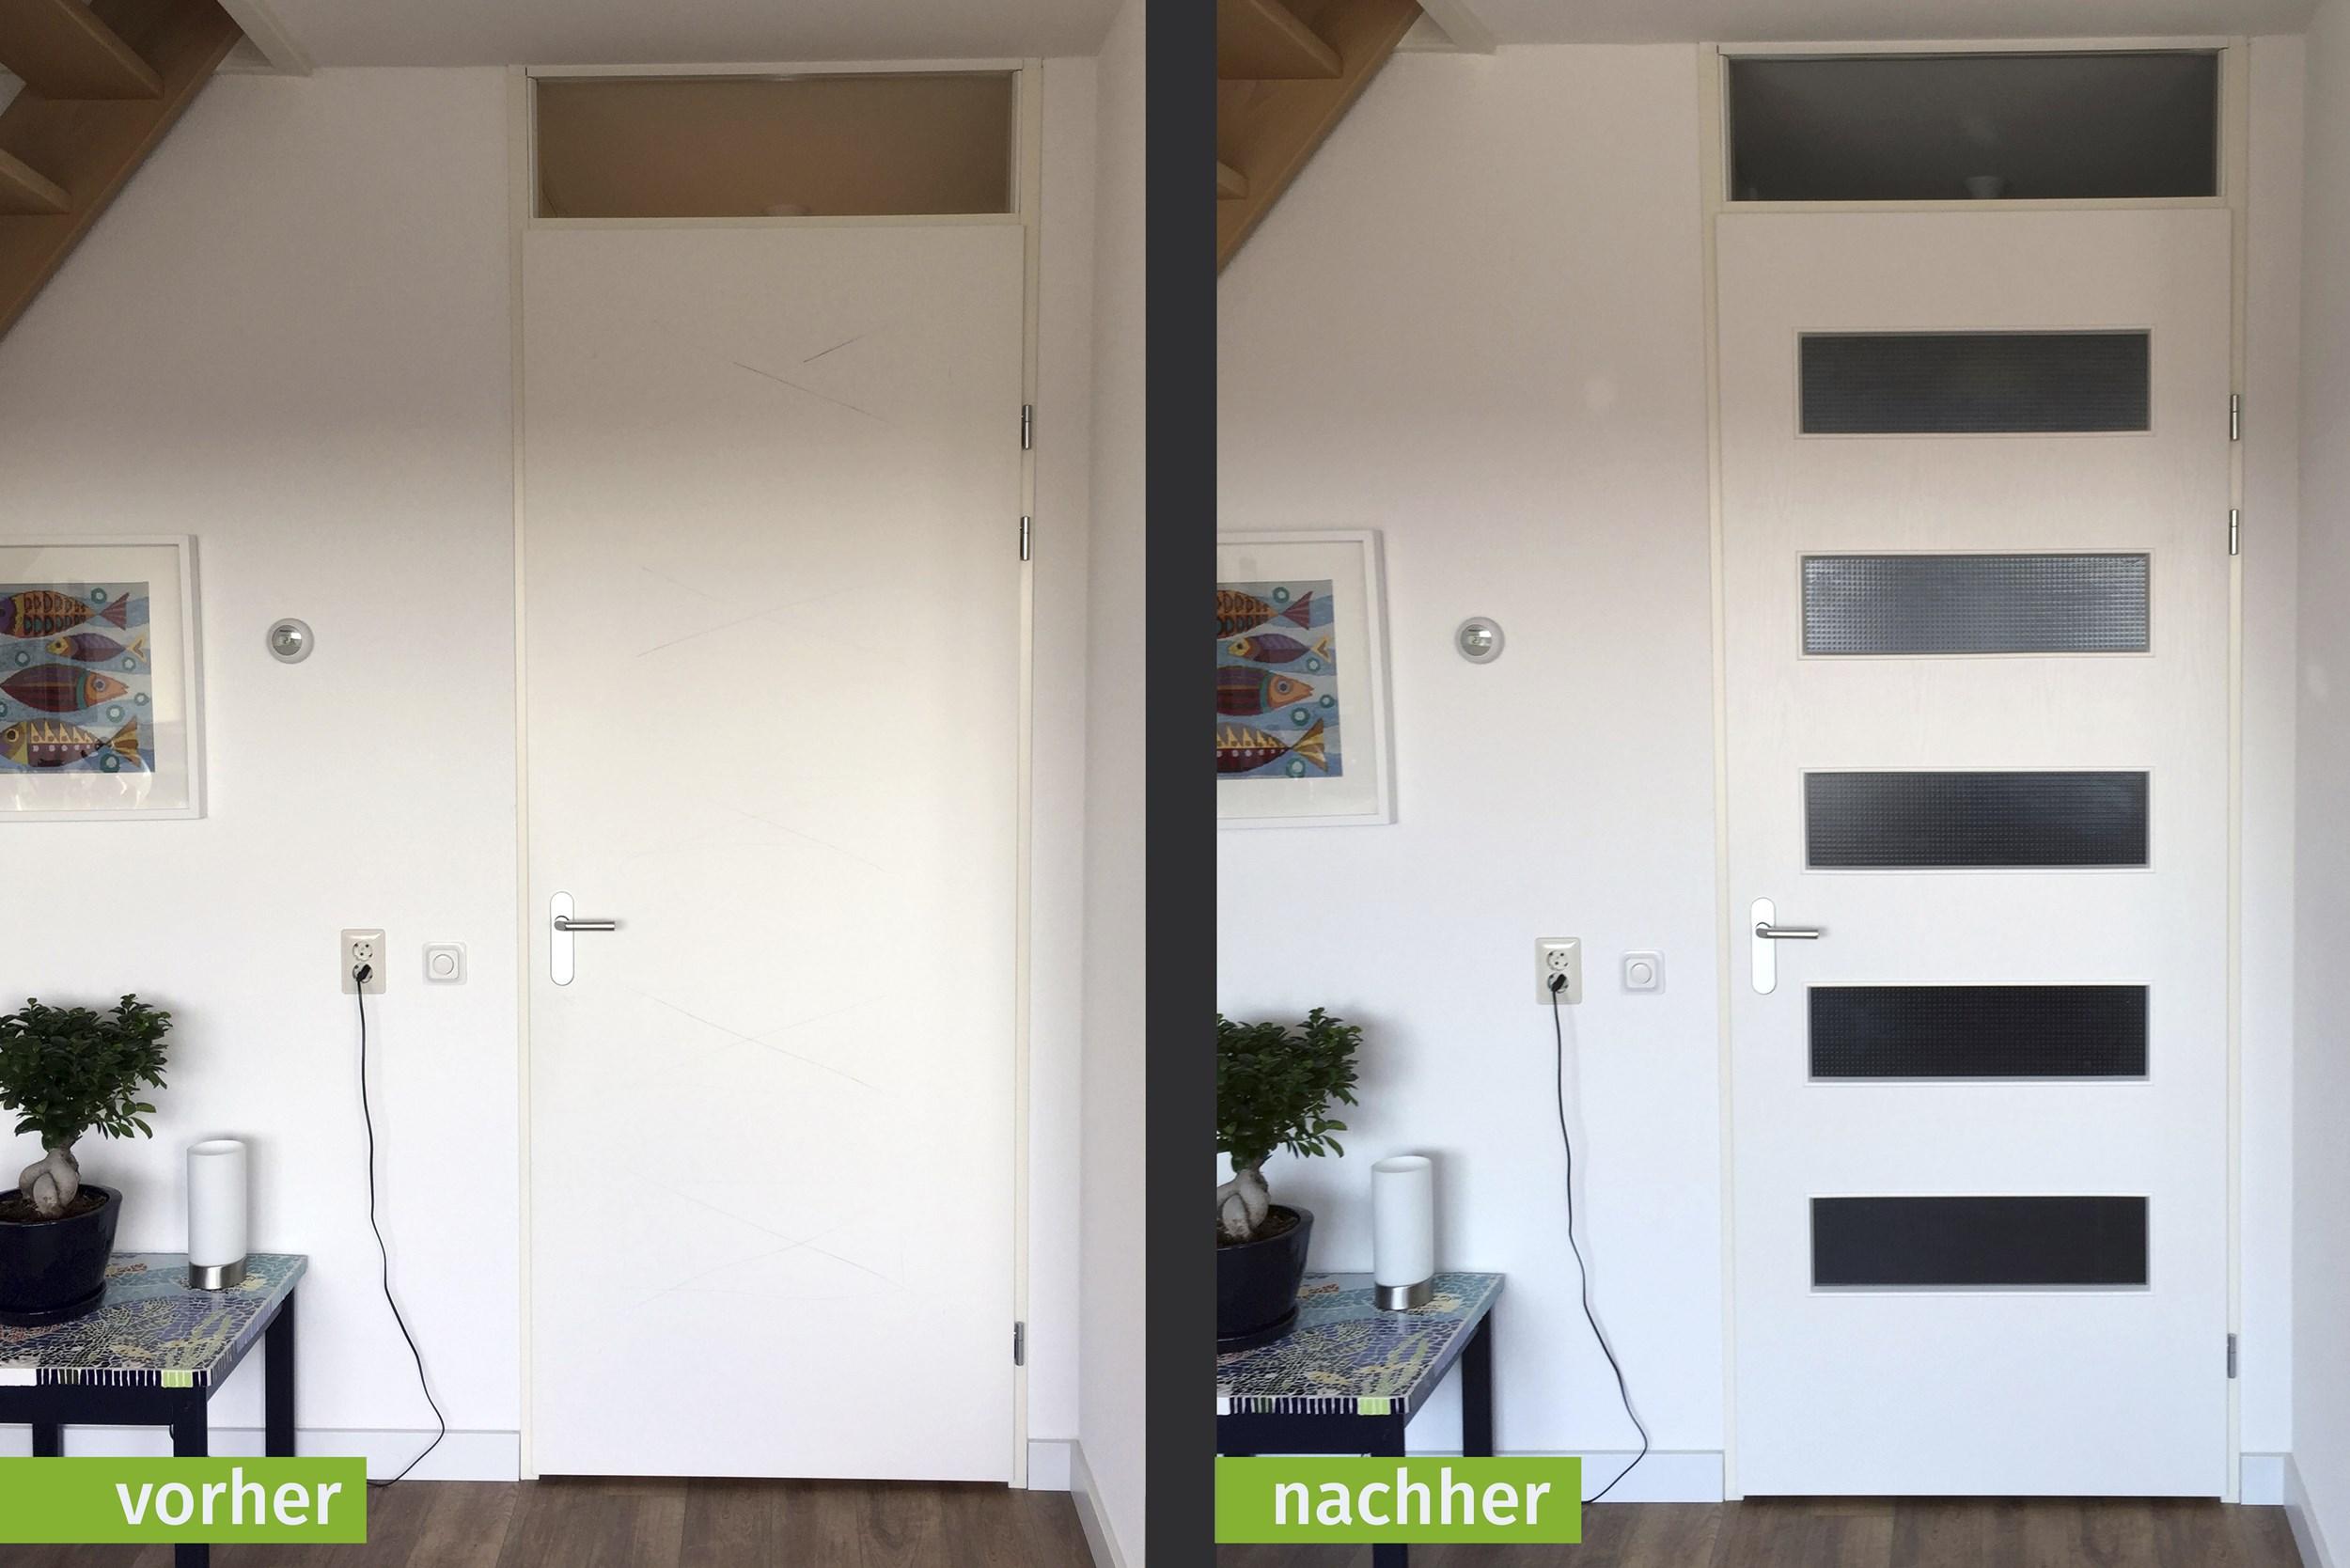 kundenbeispiele t renrenovierung portas schweiz renovierung. Black Bedroom Furniture Sets. Home Design Ideas